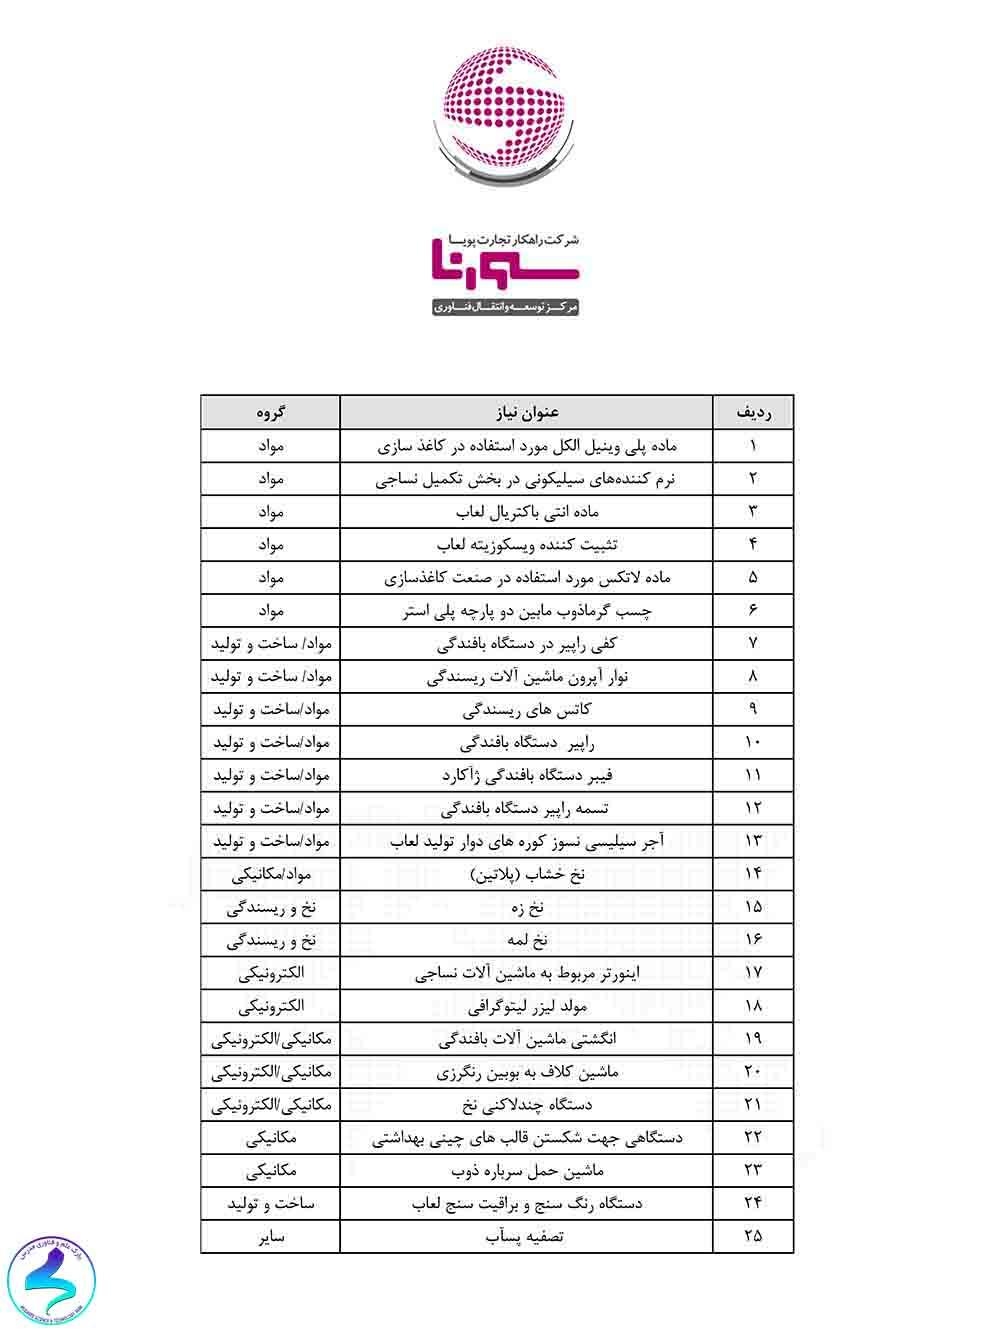 شناسایی و رفع نیازهای اولویتدار درصنایع استان یزد